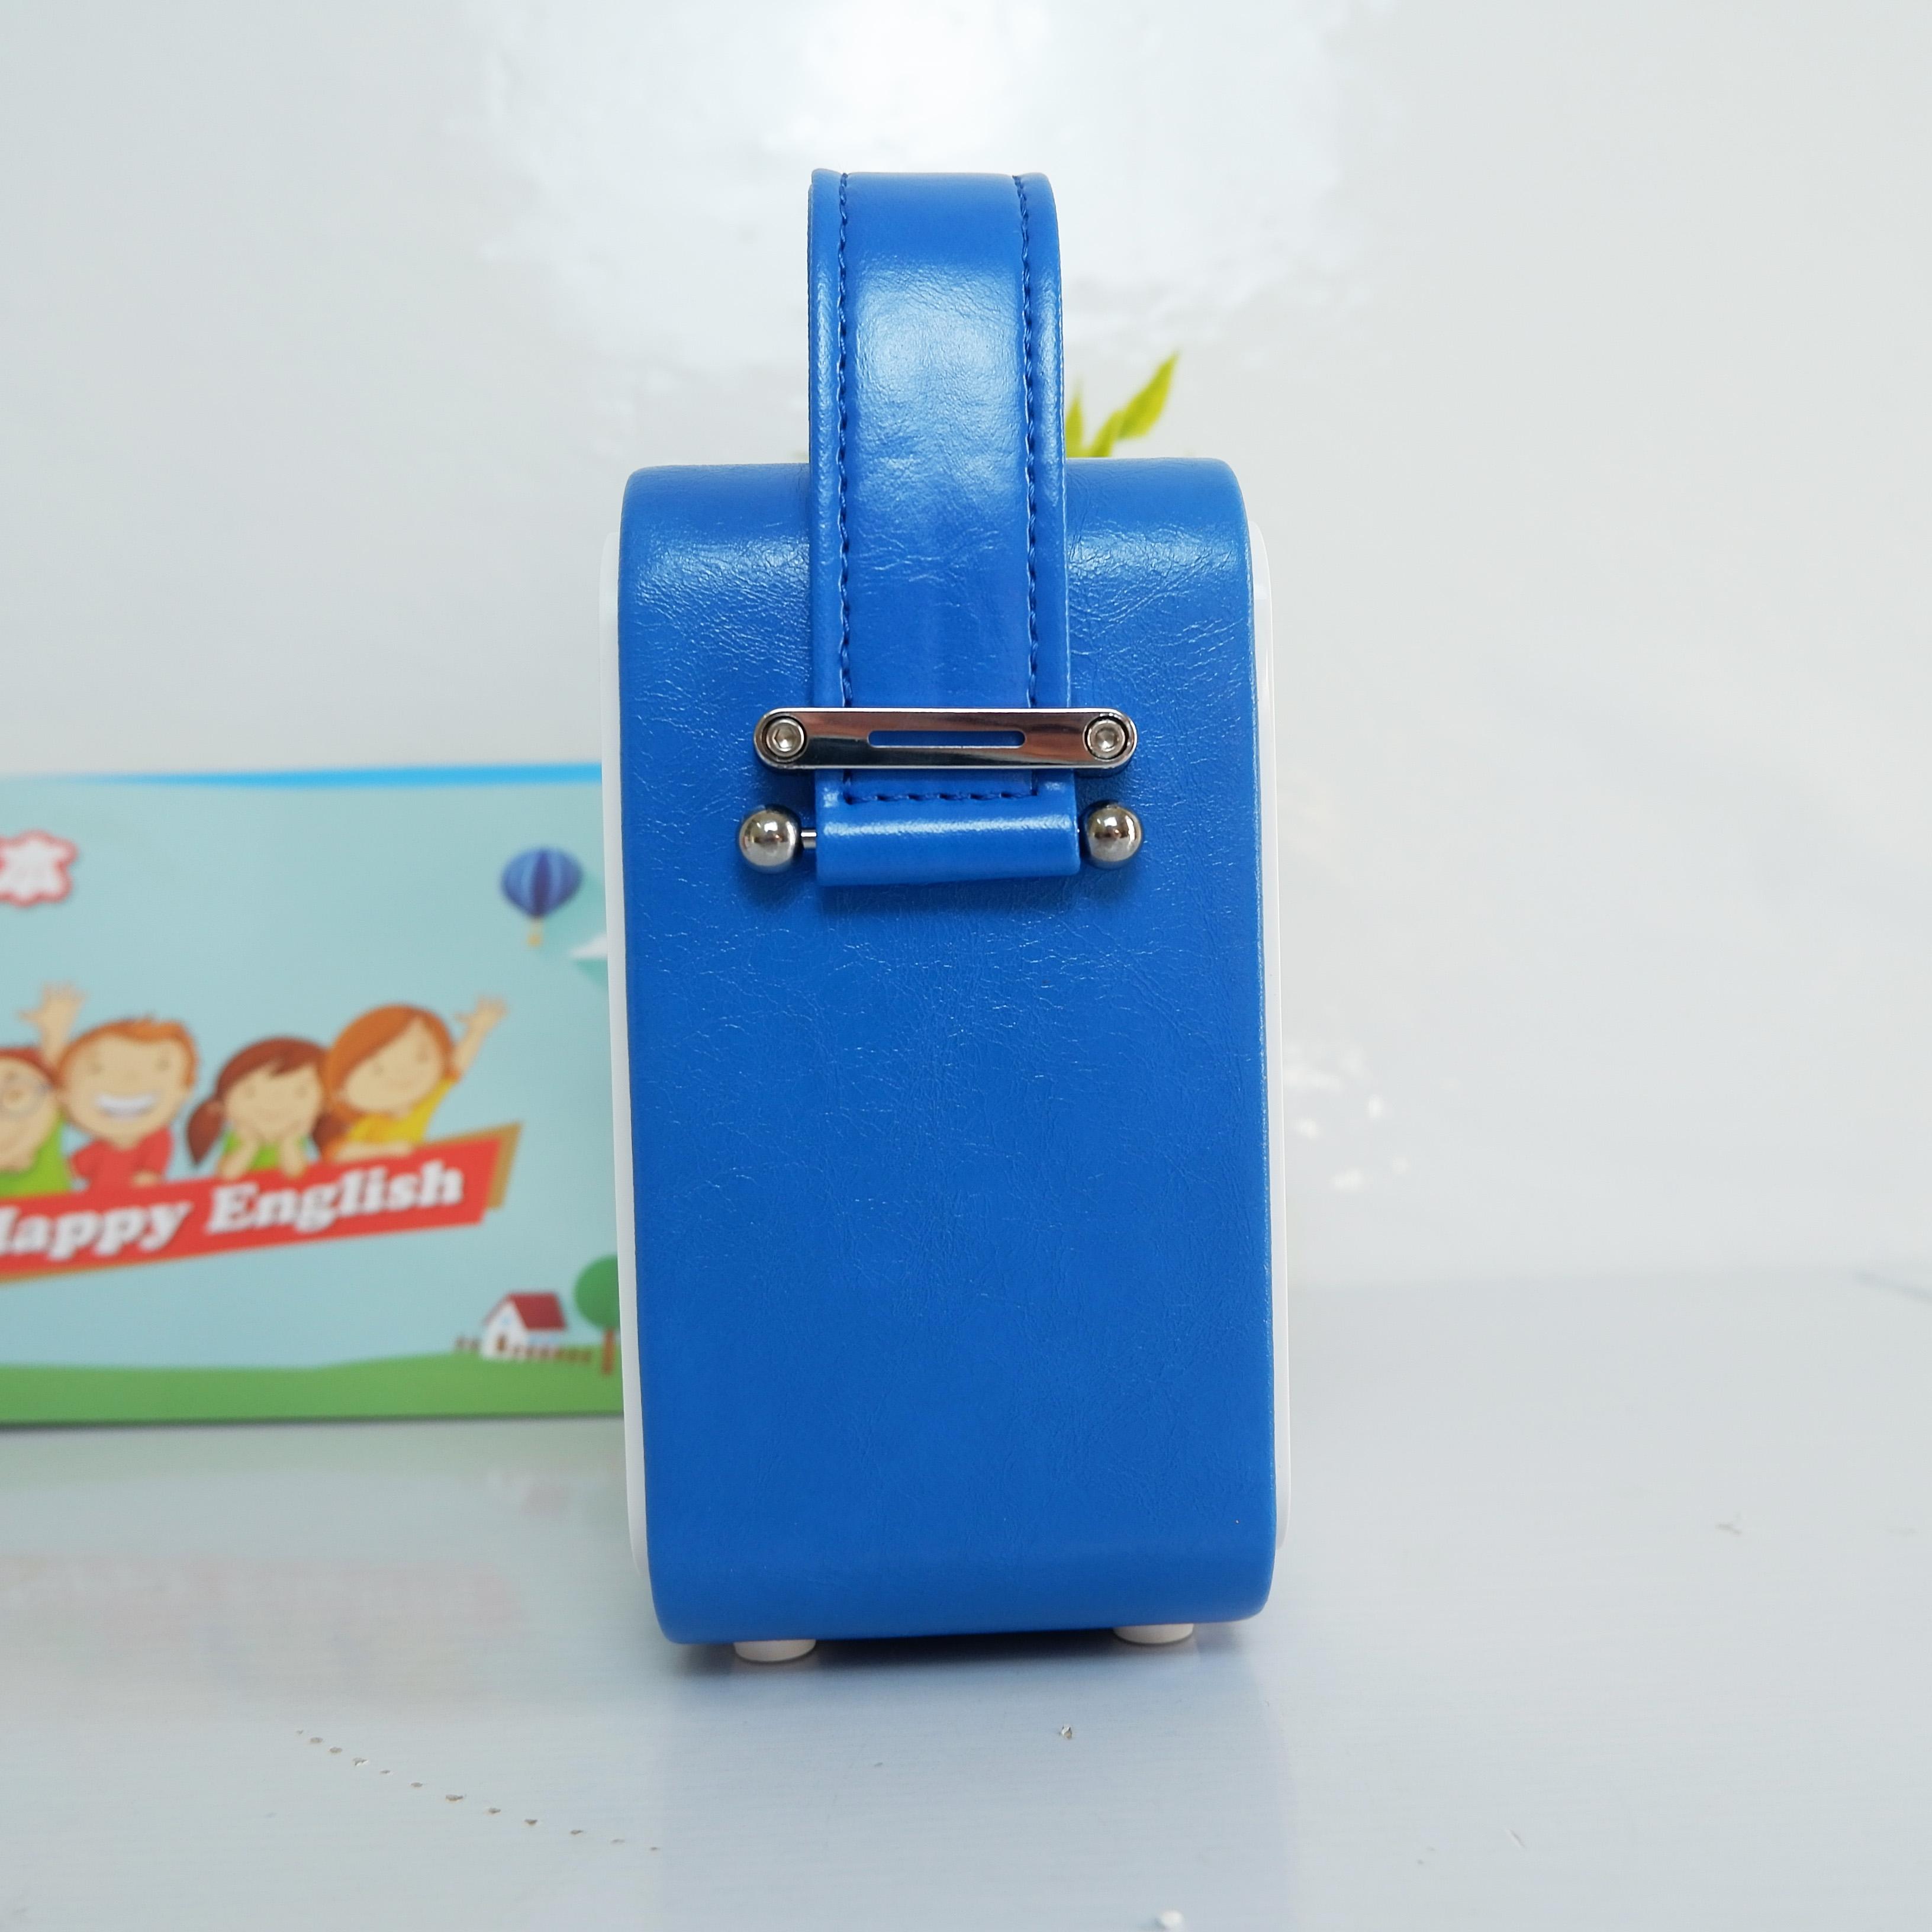 Loa Mini Xách Tay Bluetooth Nghe Nhạc, Học Tiếng Anh - Máy Nghe MP3 Hỗ Trợ Học Tiếng Anh - Đài Học Ngoại Ngữ  - Kèm Bộ 2 Sách Học Tiếng Anh Cho Bé